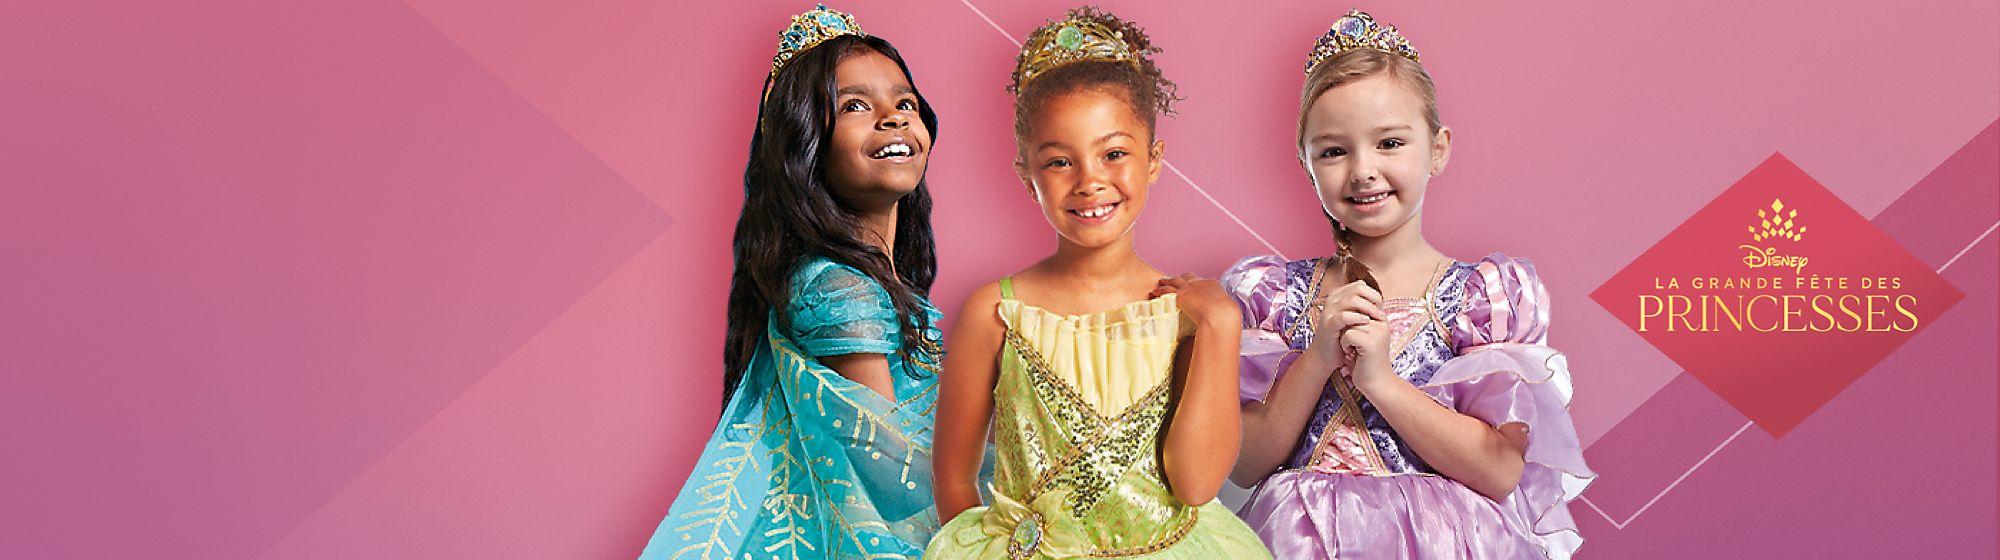 Princesses Disney pour enfants Craquez pour notre gamme de poupées, jouets et déguisements Princesses Disney